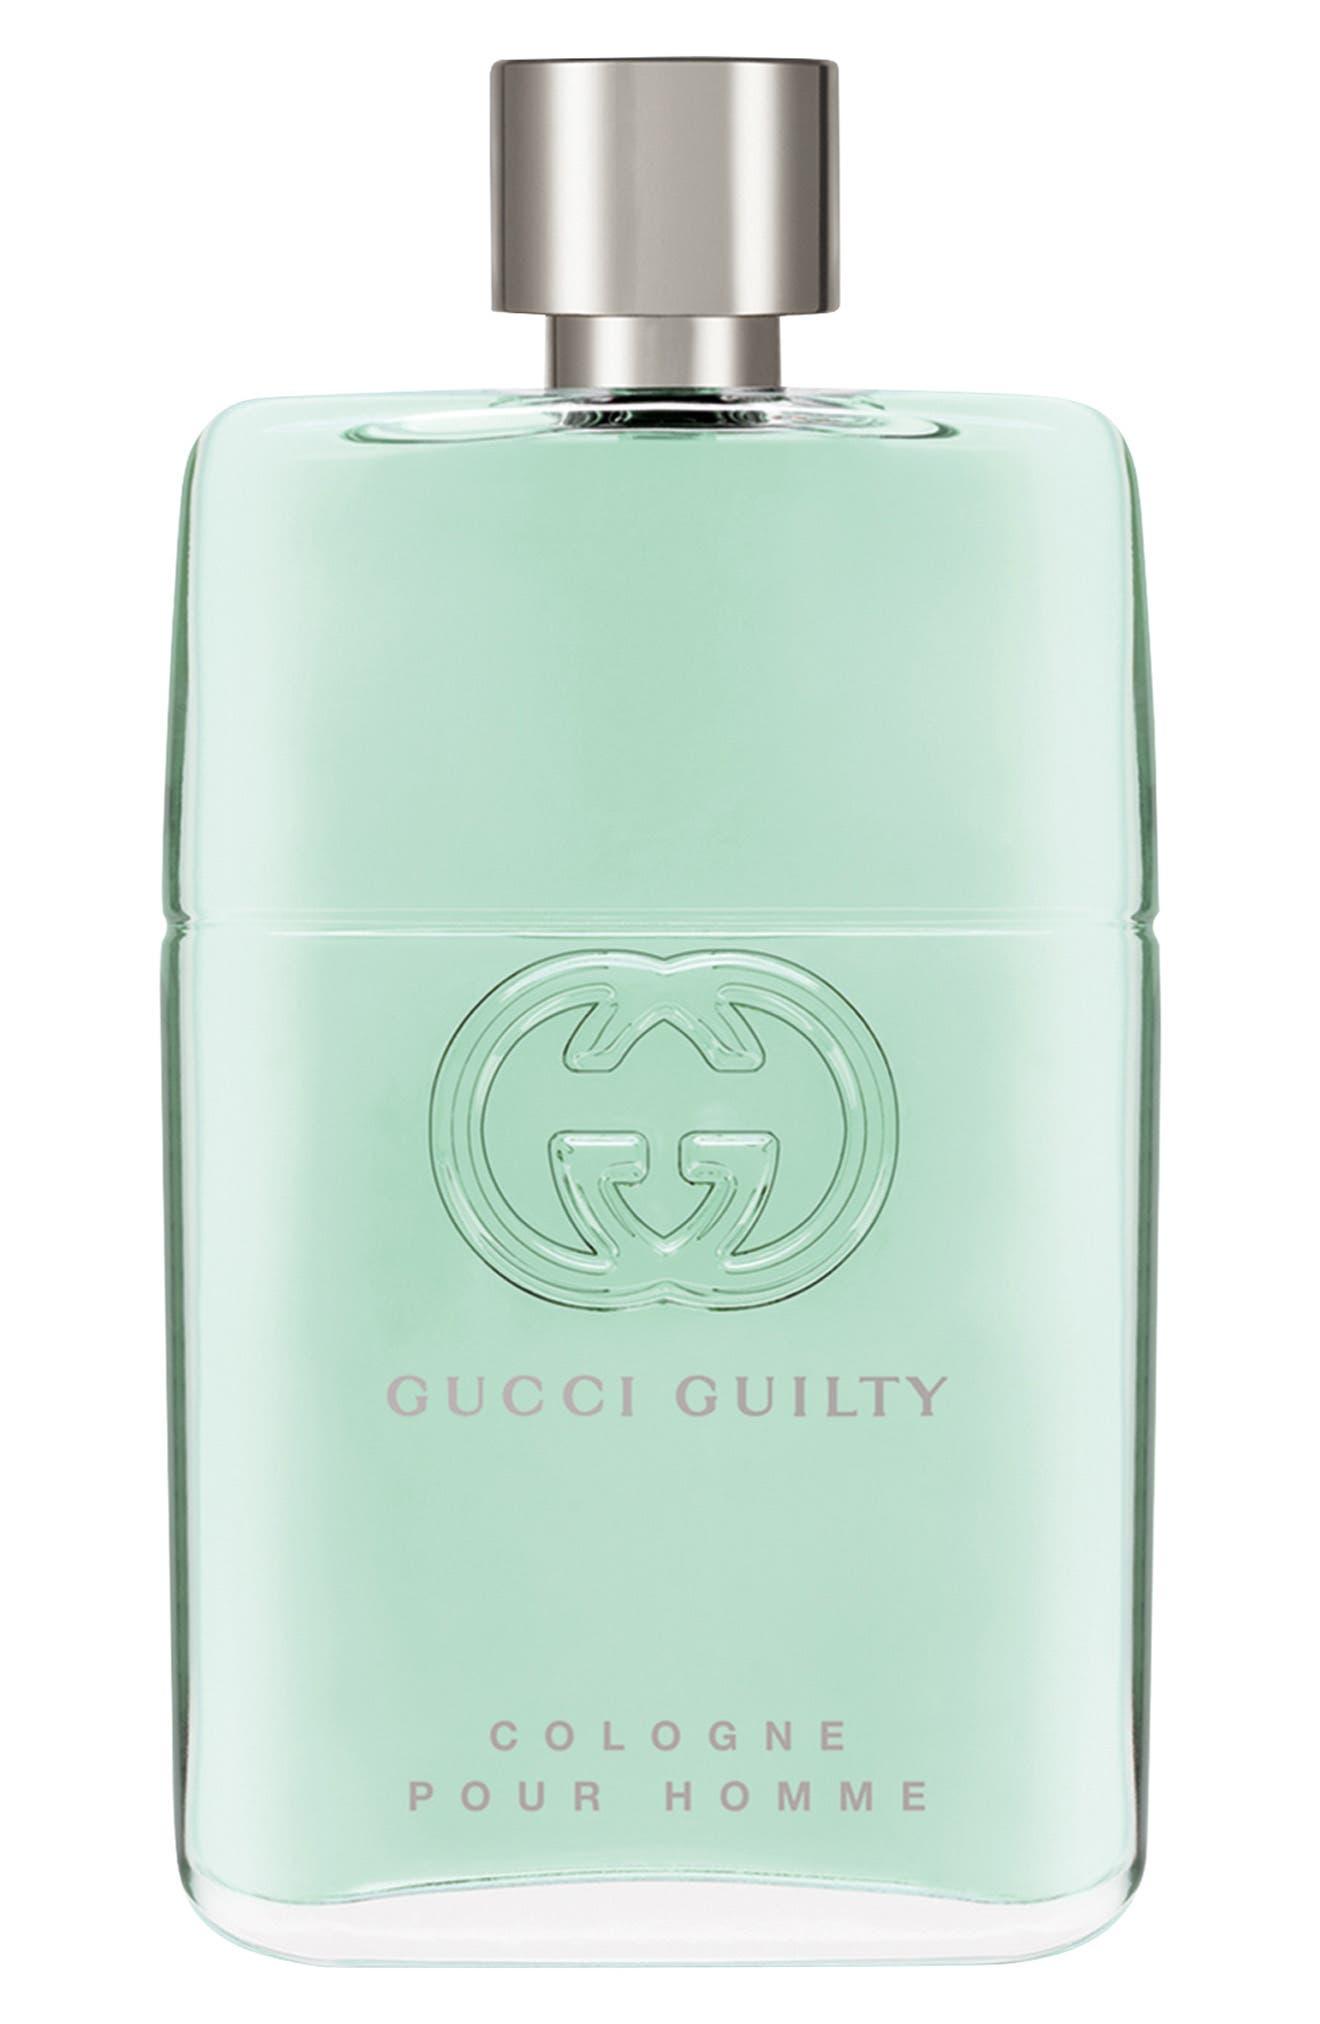 Gucci Guilty Pour Homme Cologne